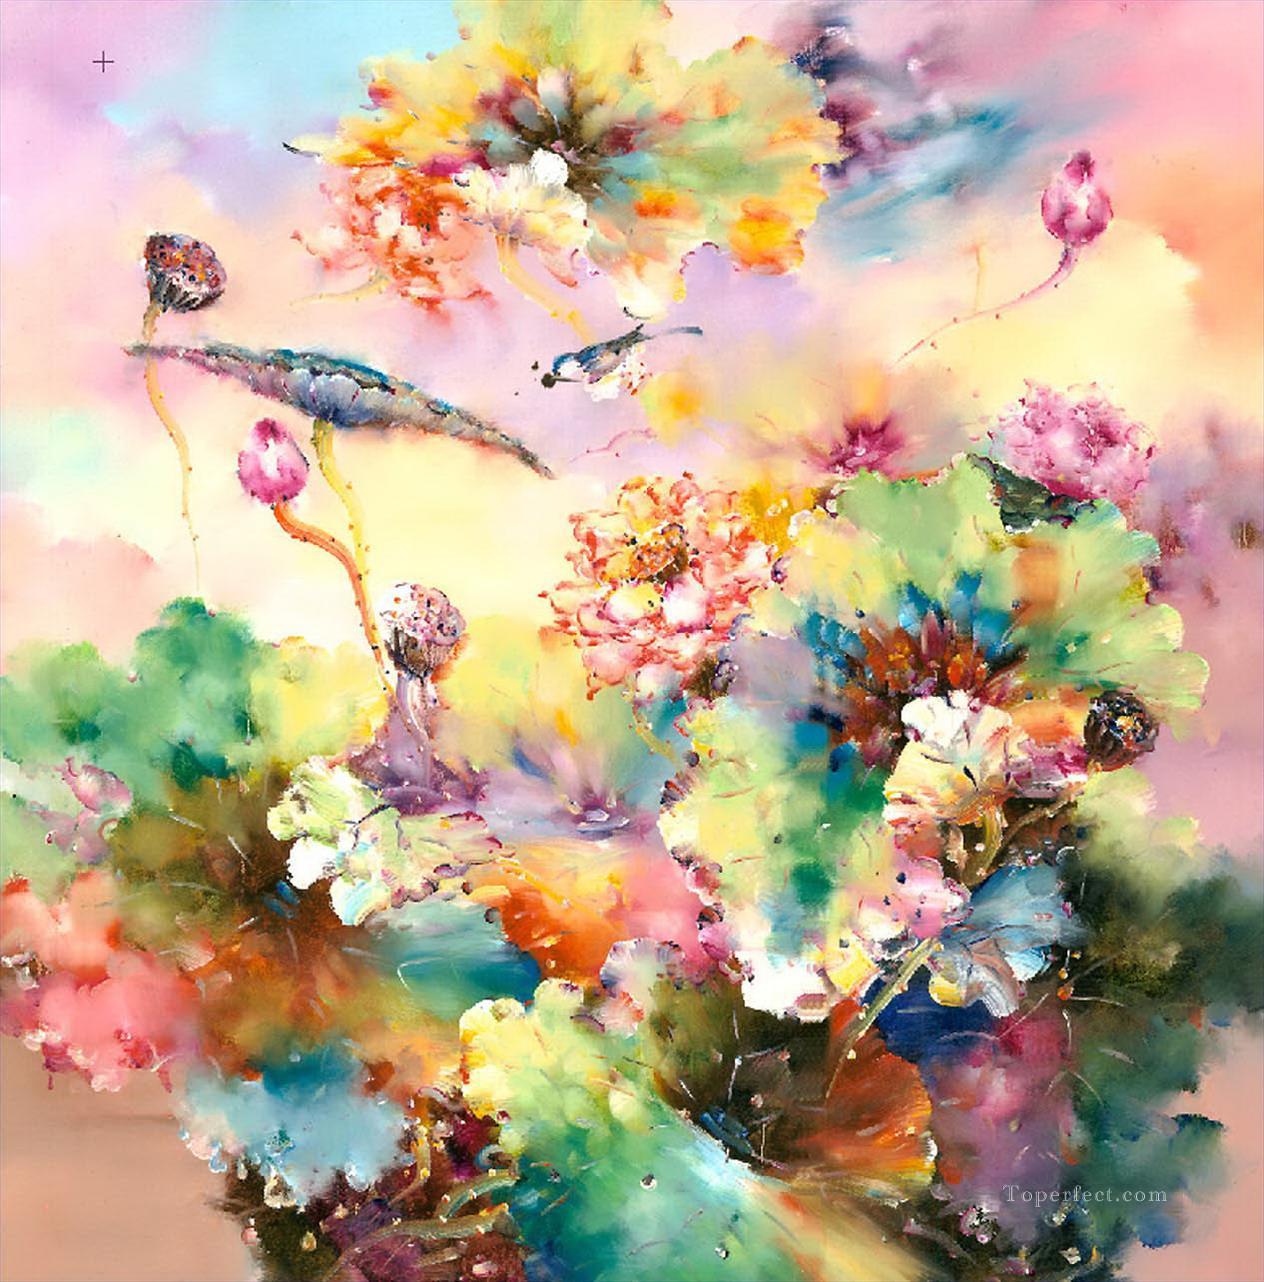 Art 3D 930 80x80cm USD110 Oil Paintings